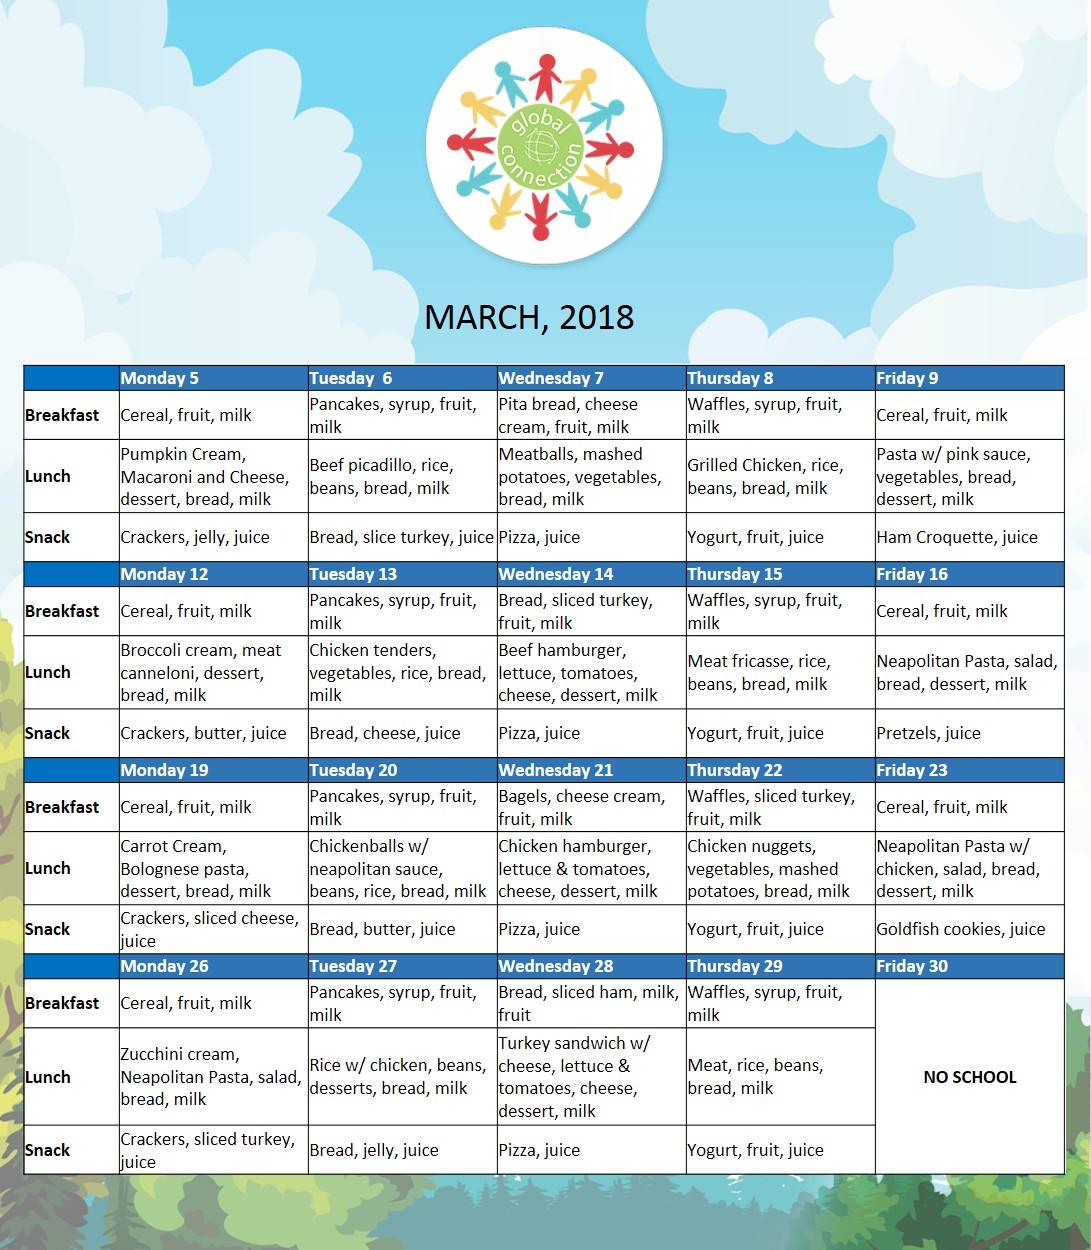 menu-march-2018-gcp.jpg